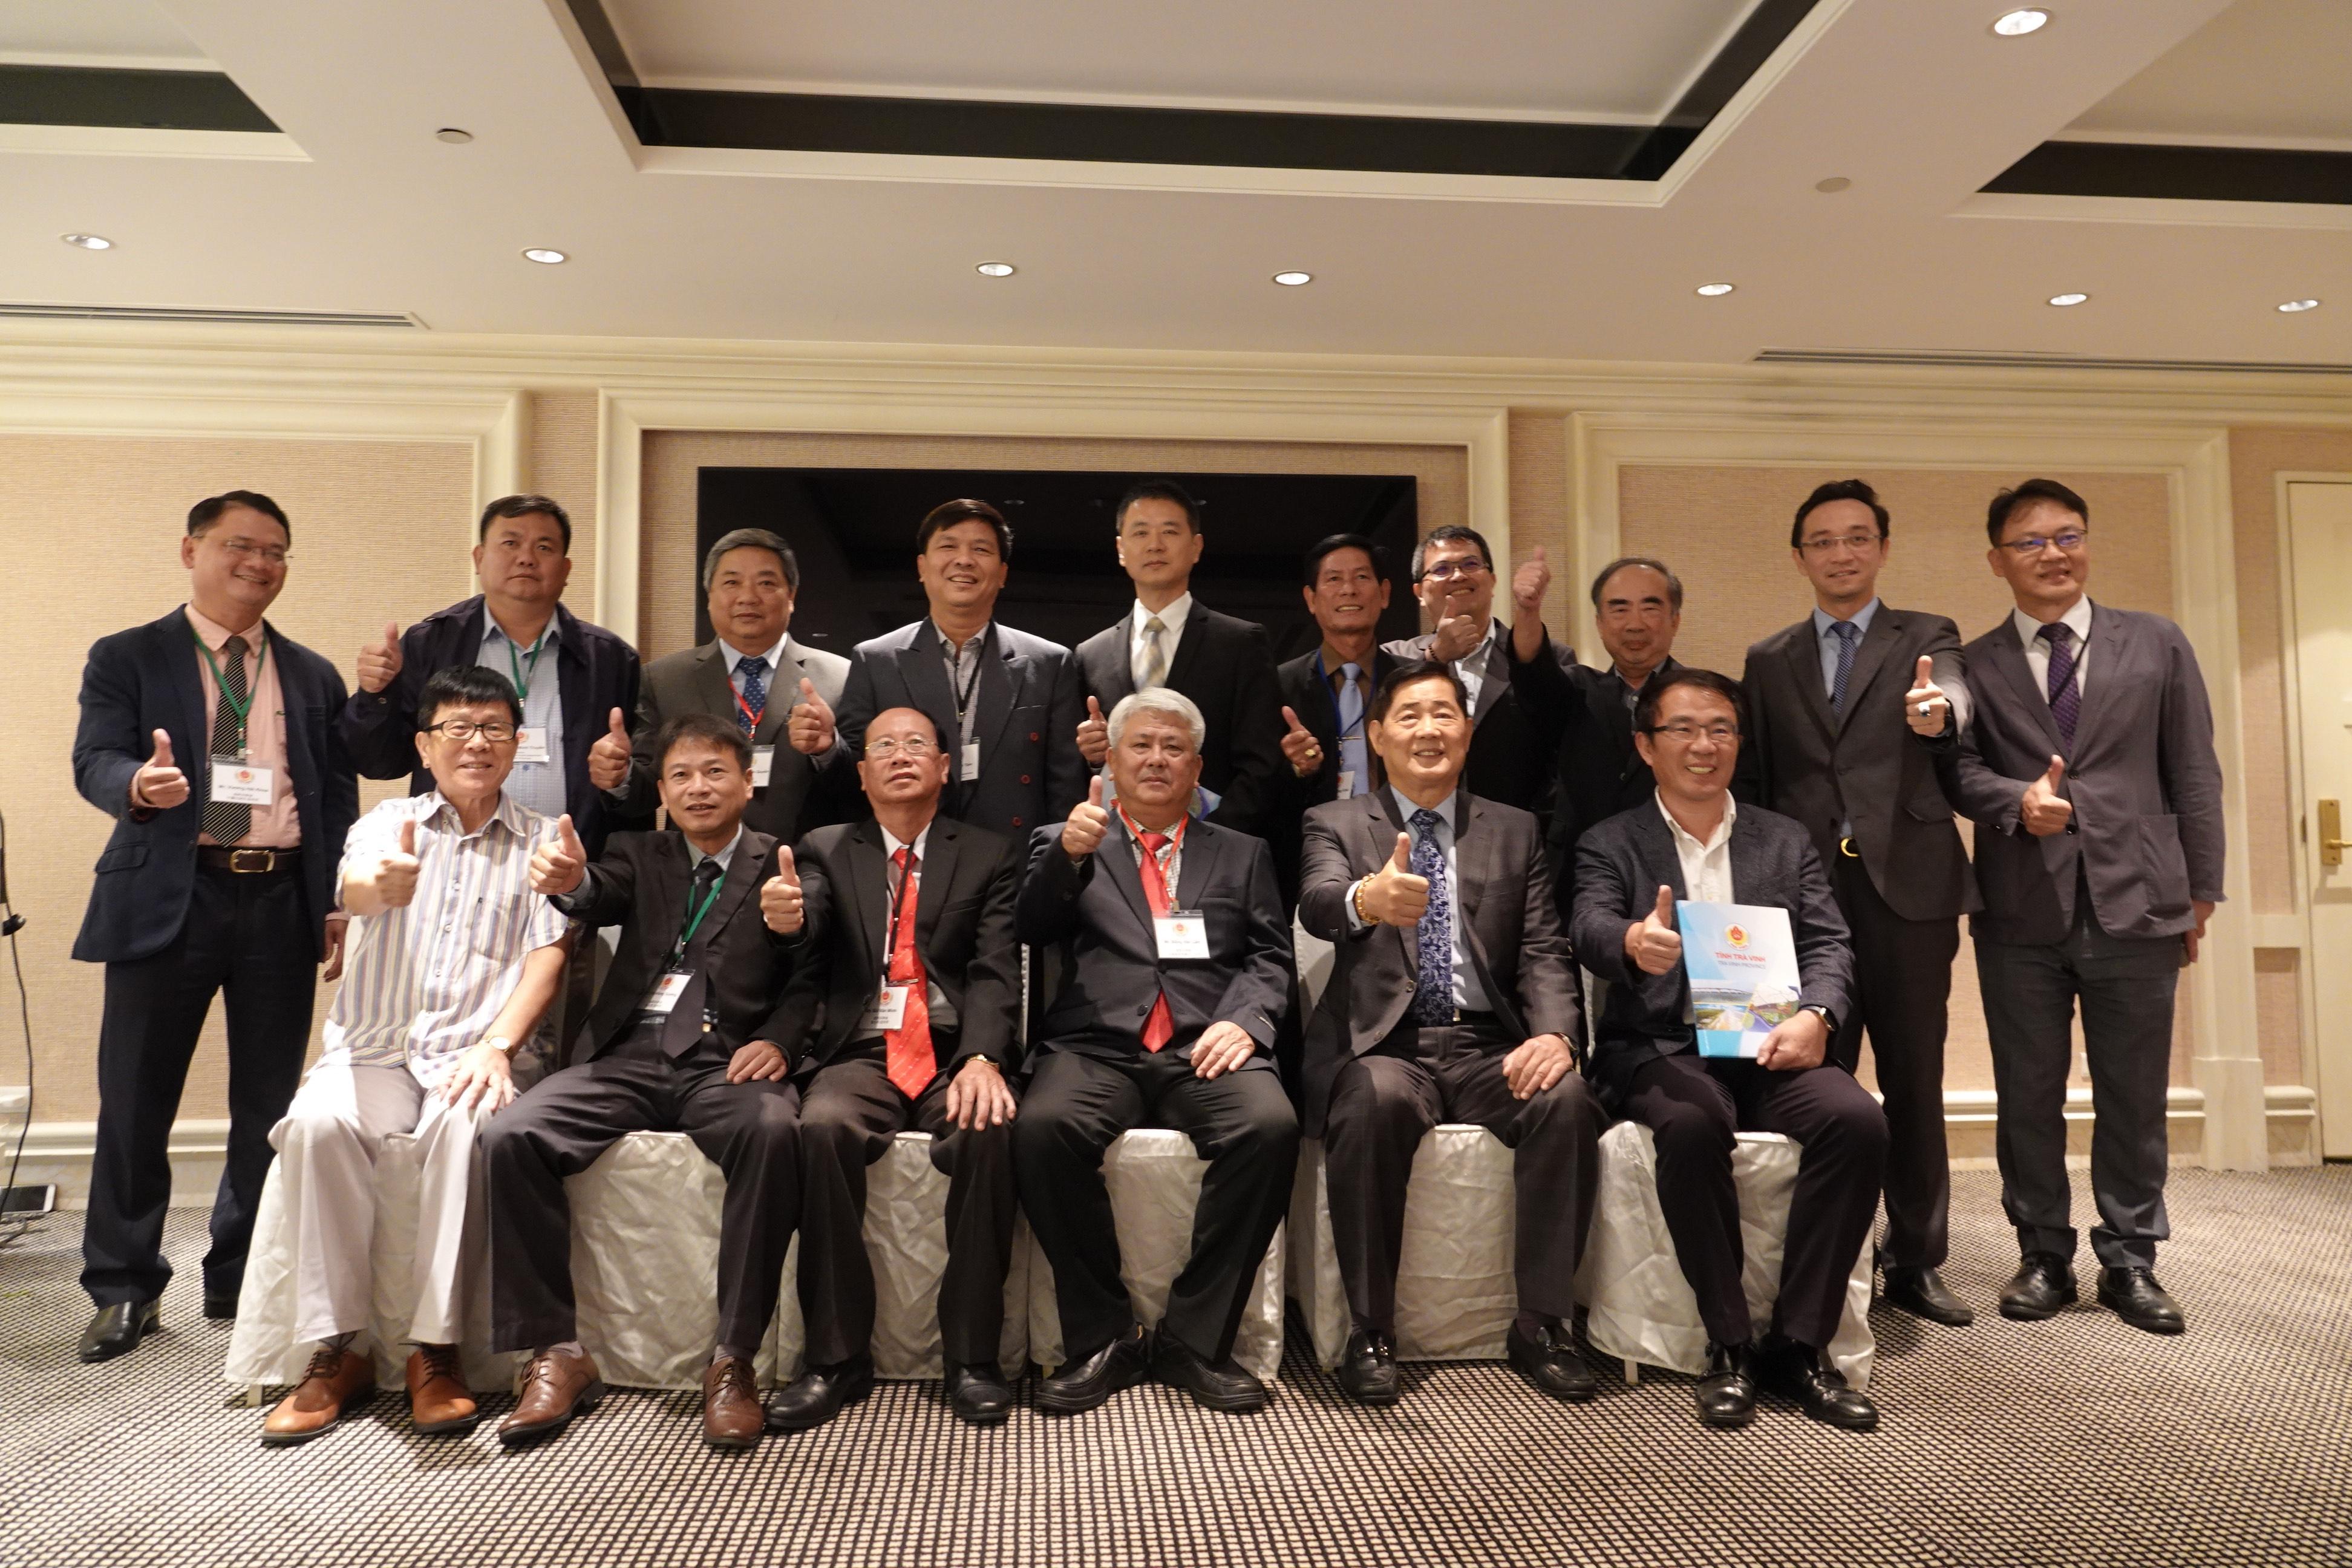 邀請越南茶榮省參訪團來台舉辦投資說明會